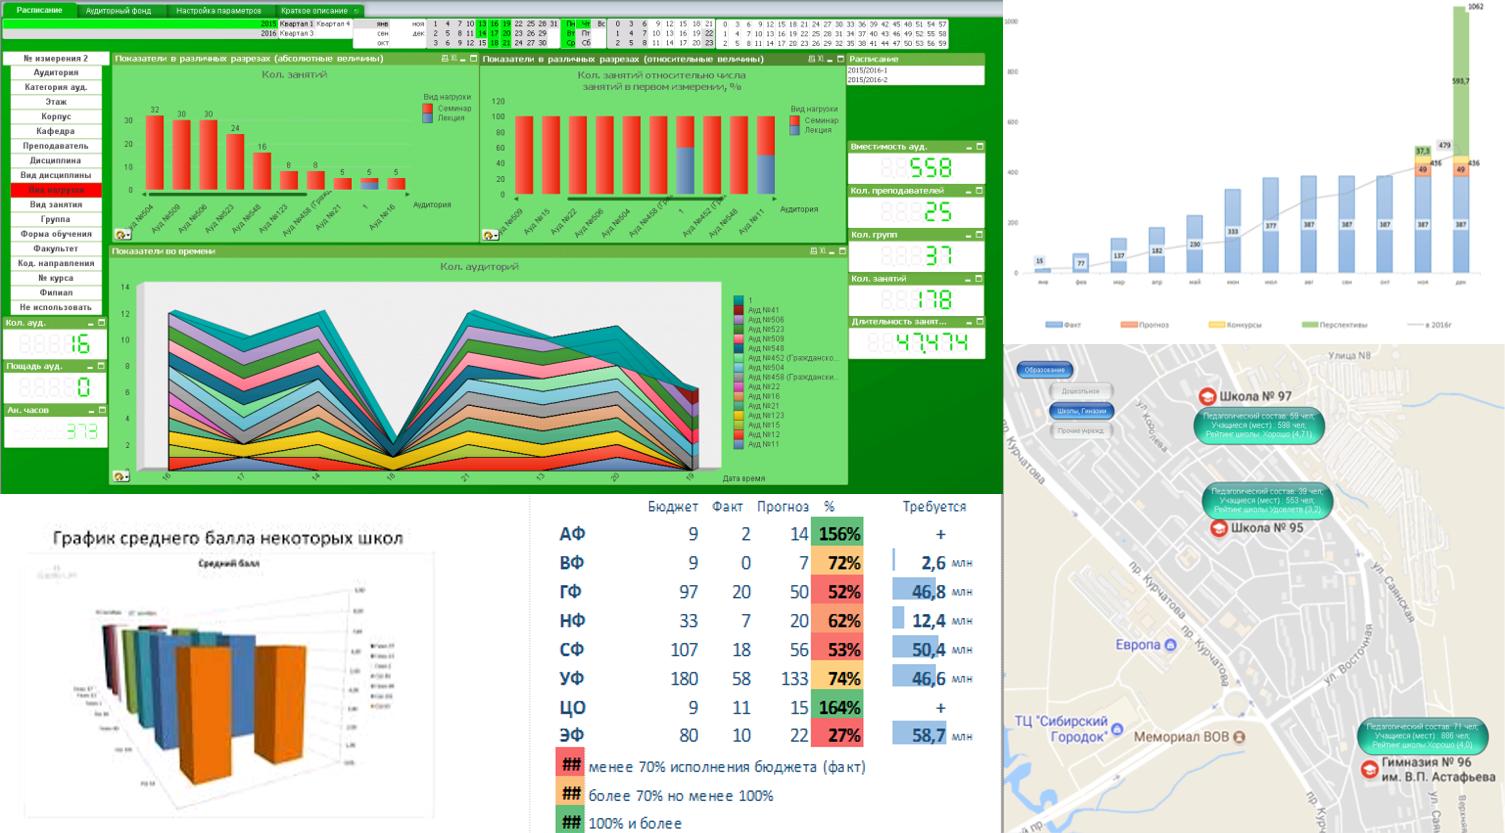 Информационная панель с показателями объектов образования